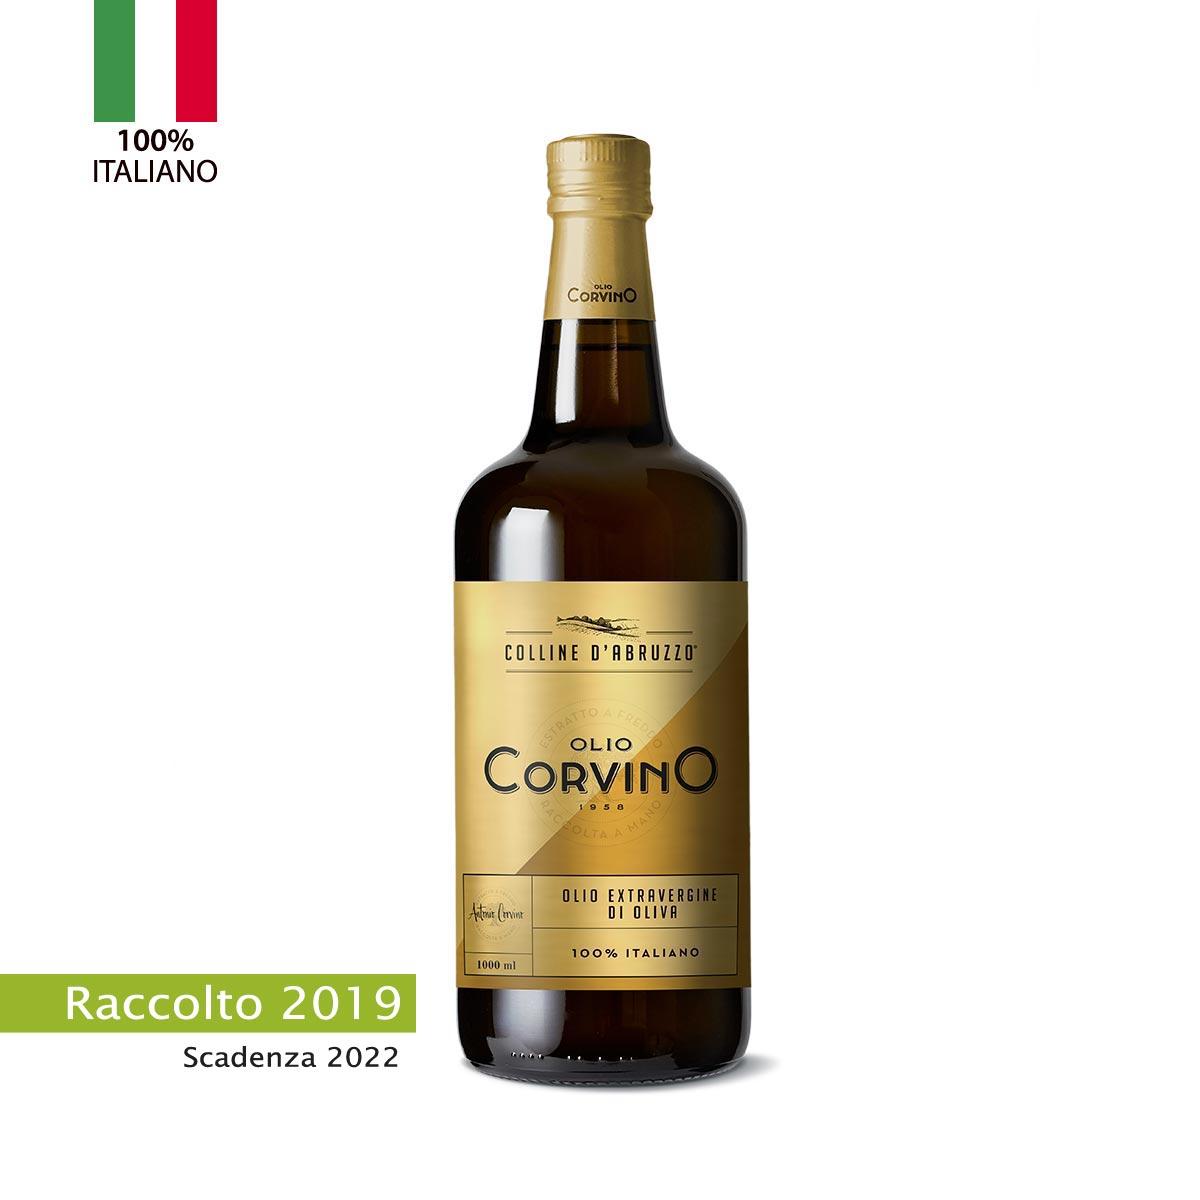 STOCK n.12 bottiglie Colline d'Abruzzo (RACCOLTO 2019) 1L